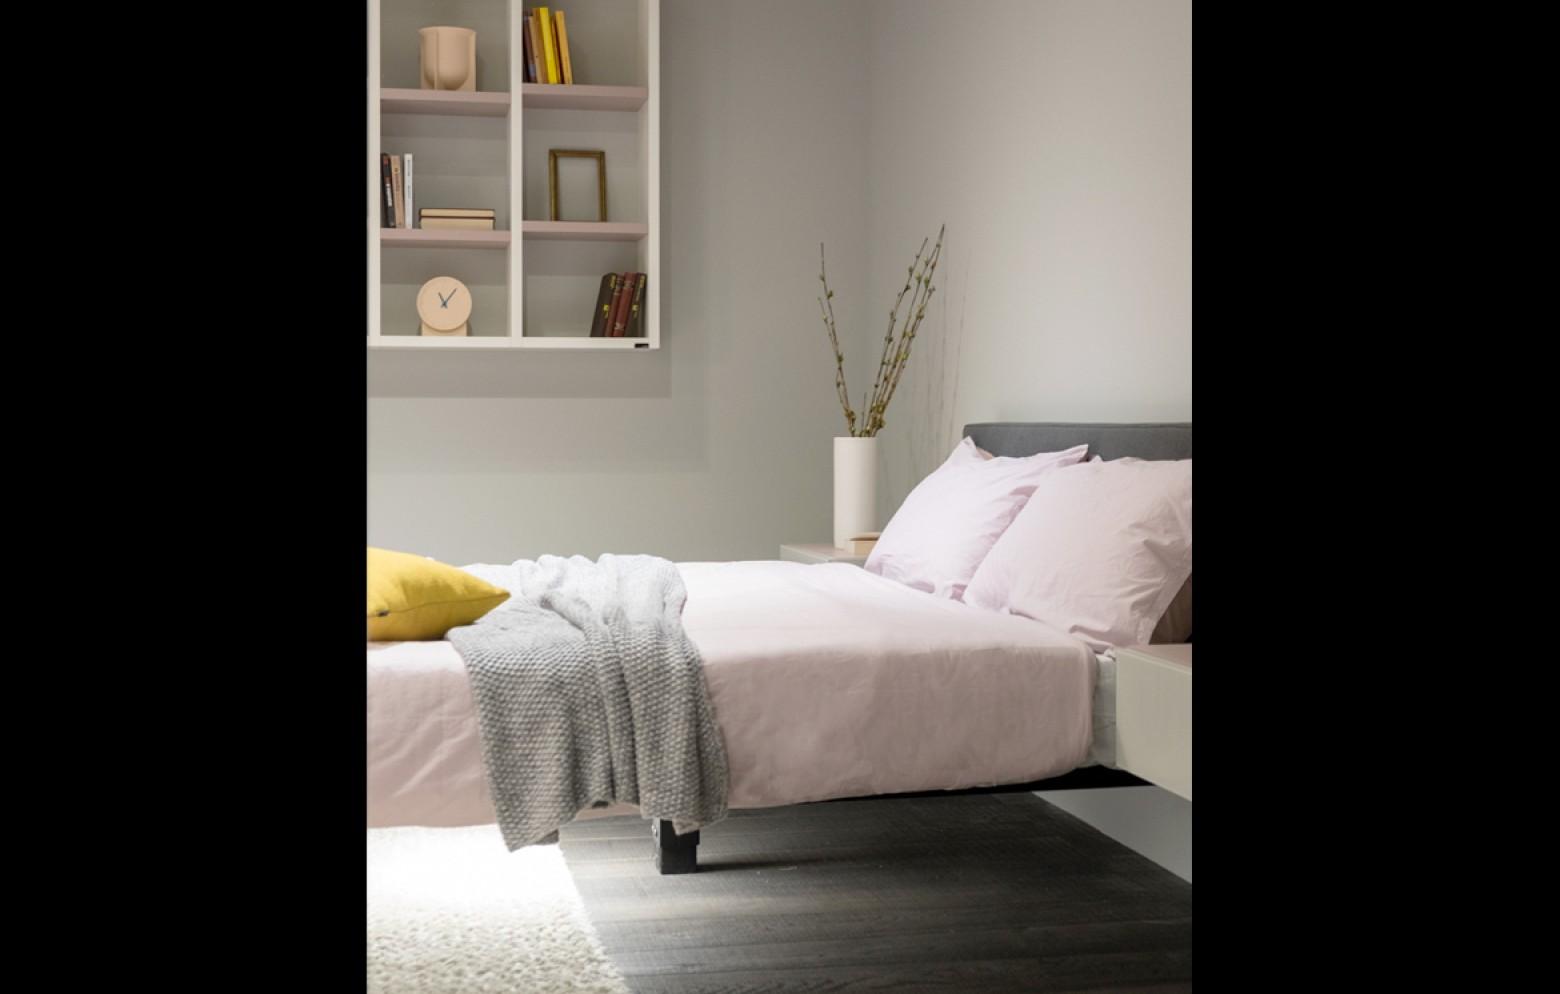 Full Size of Schwebendes Bett Von Lago Italia Runde Betten 220 X 200 120x200 Weiß 90x190 Coole Kaufen 140x200 Mit Unterbett Ohne Kopfteil Test Amazon 180x200 Himmel Bett Schwebendes Bett